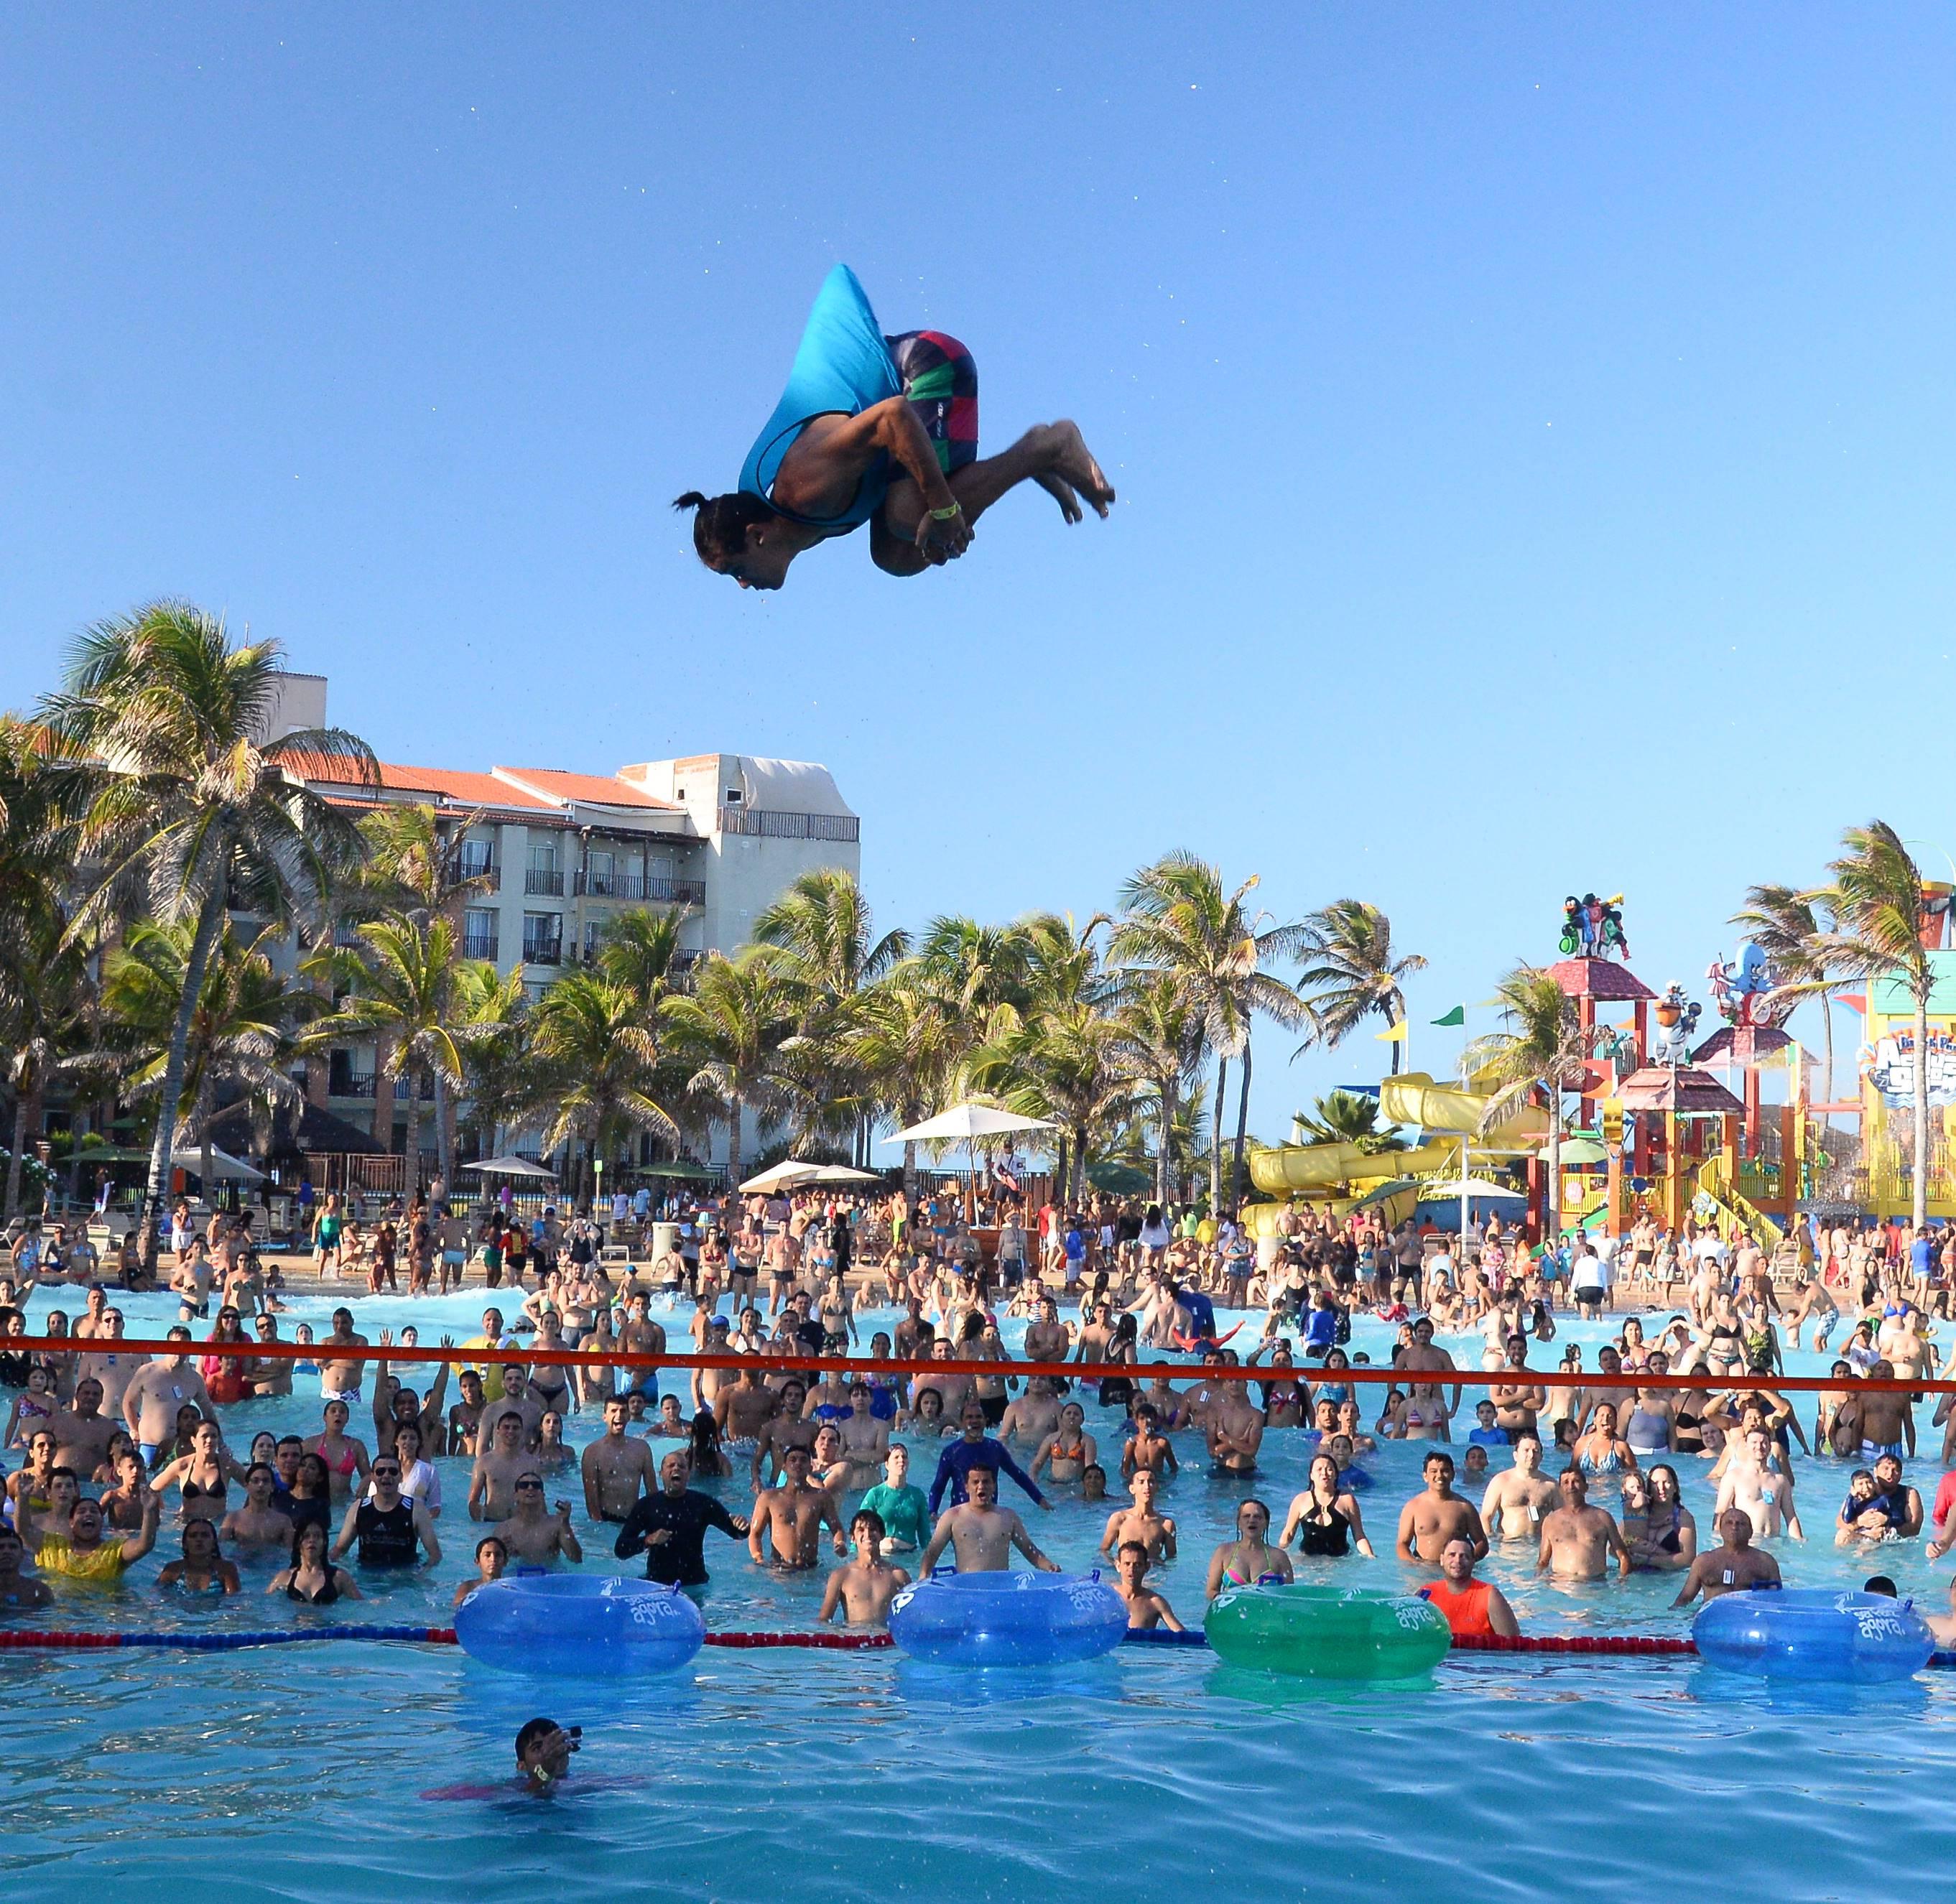 Venha conferir o maior Campeonato de Slackline sobre águas do Brasil!